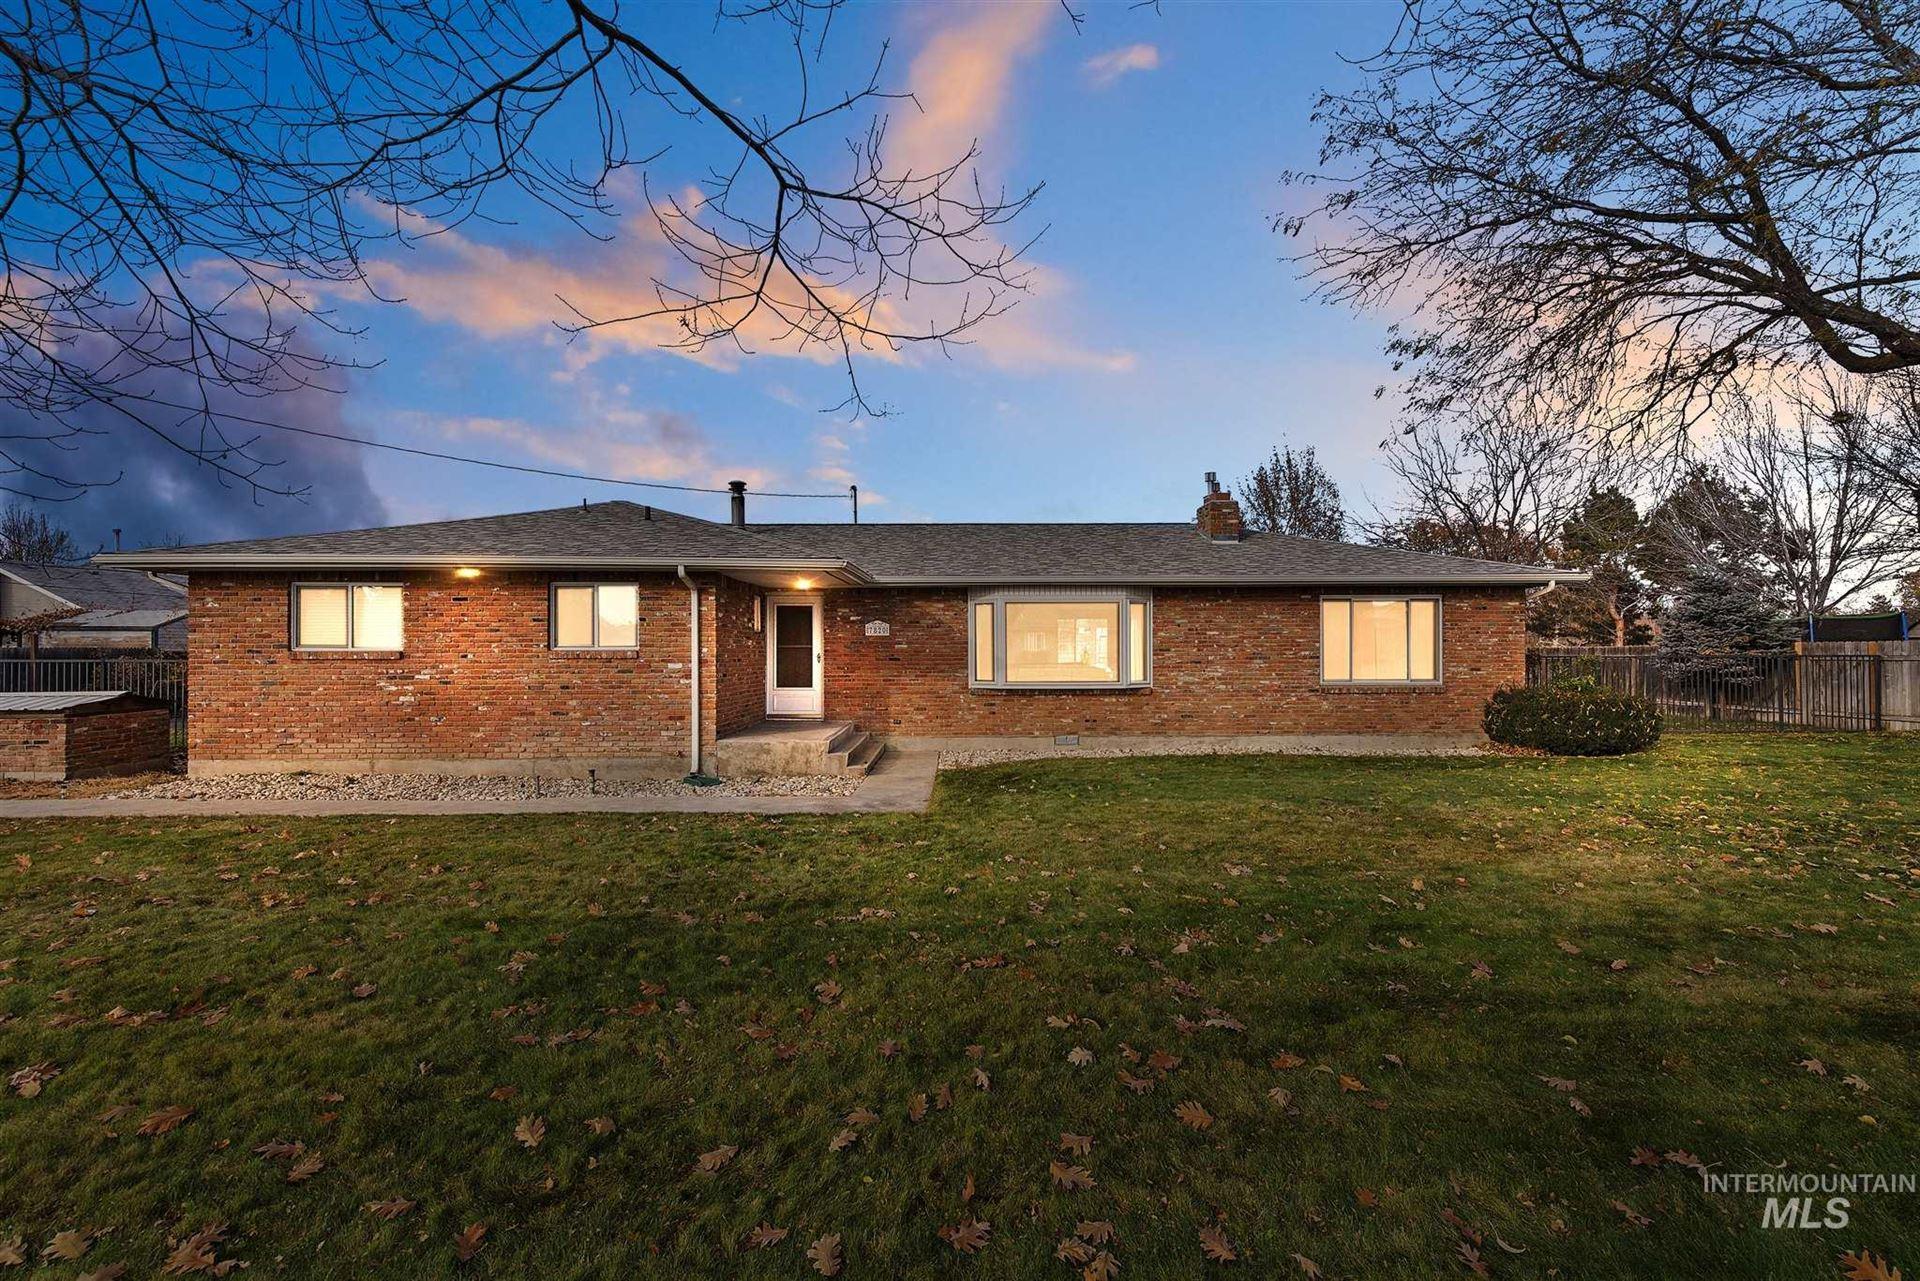 Photo of 7820 W Preece Dr, Boise, ID 83704 (MLS # 98786925)